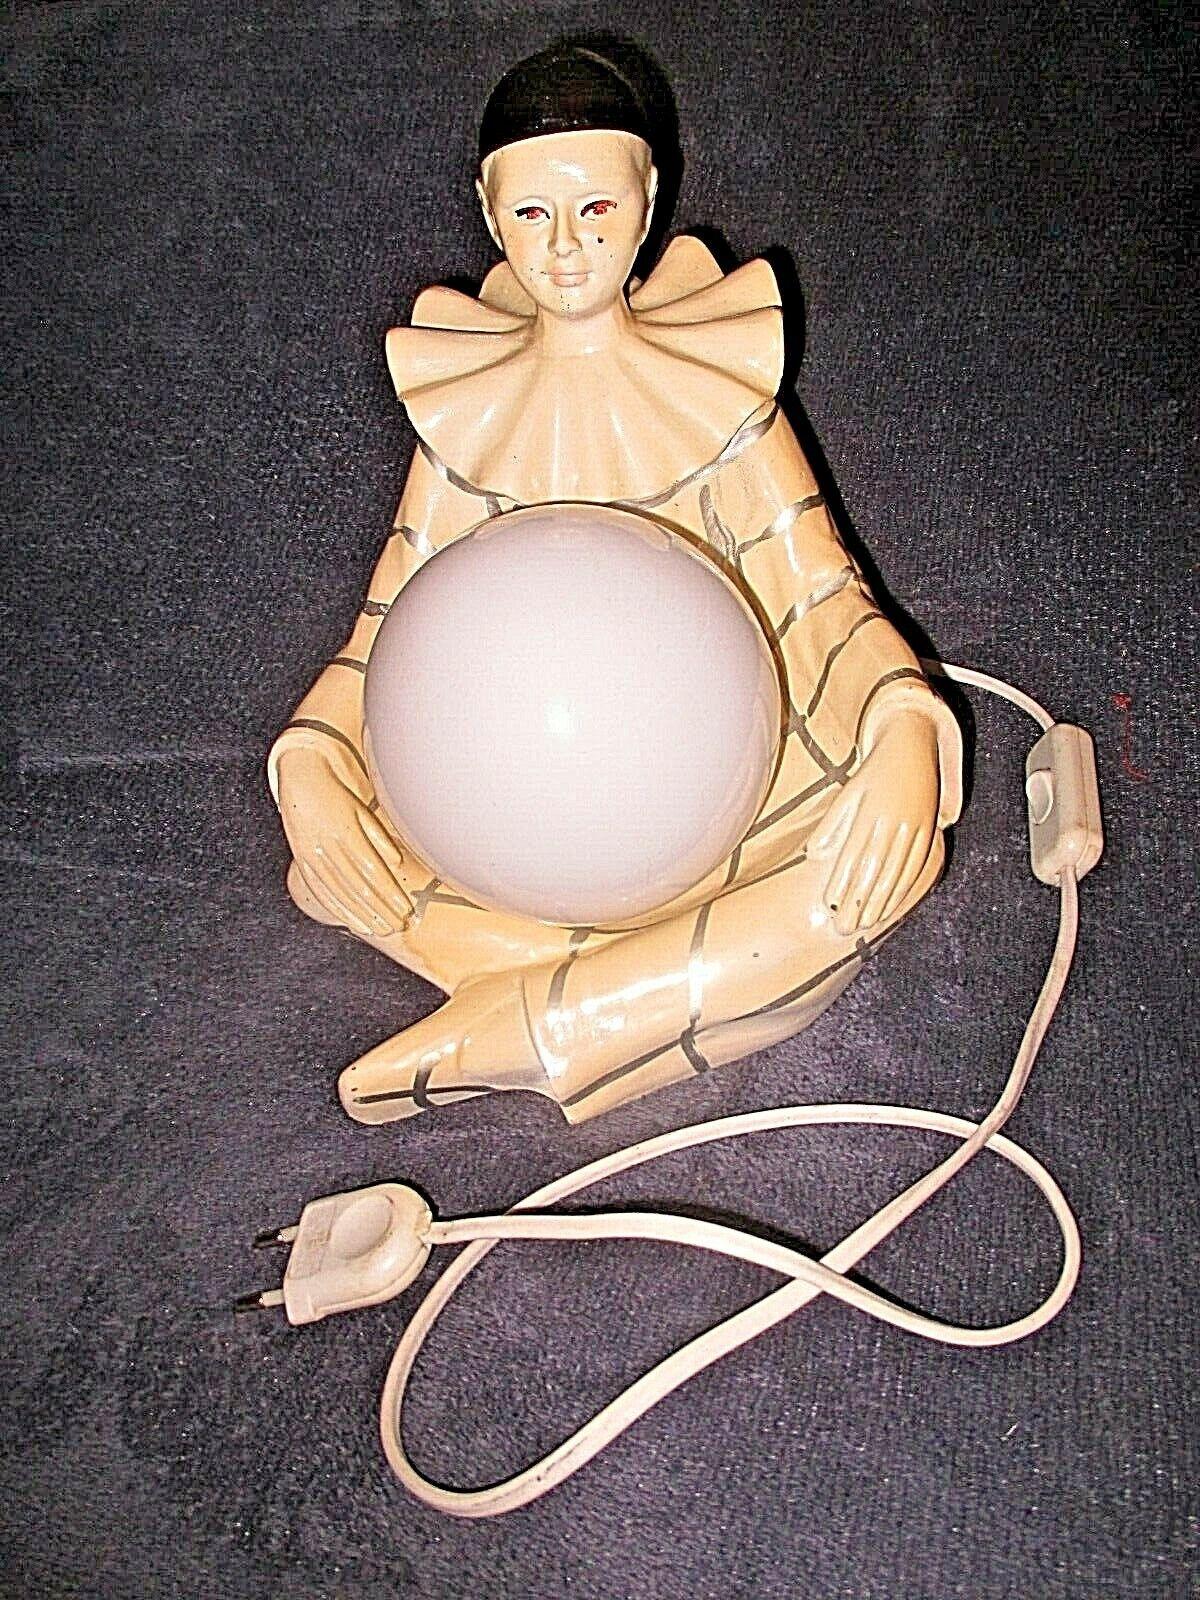 PIERROT crème-Silber-ancien pied de lampe électrifié-céramique-vintage 1970-1980